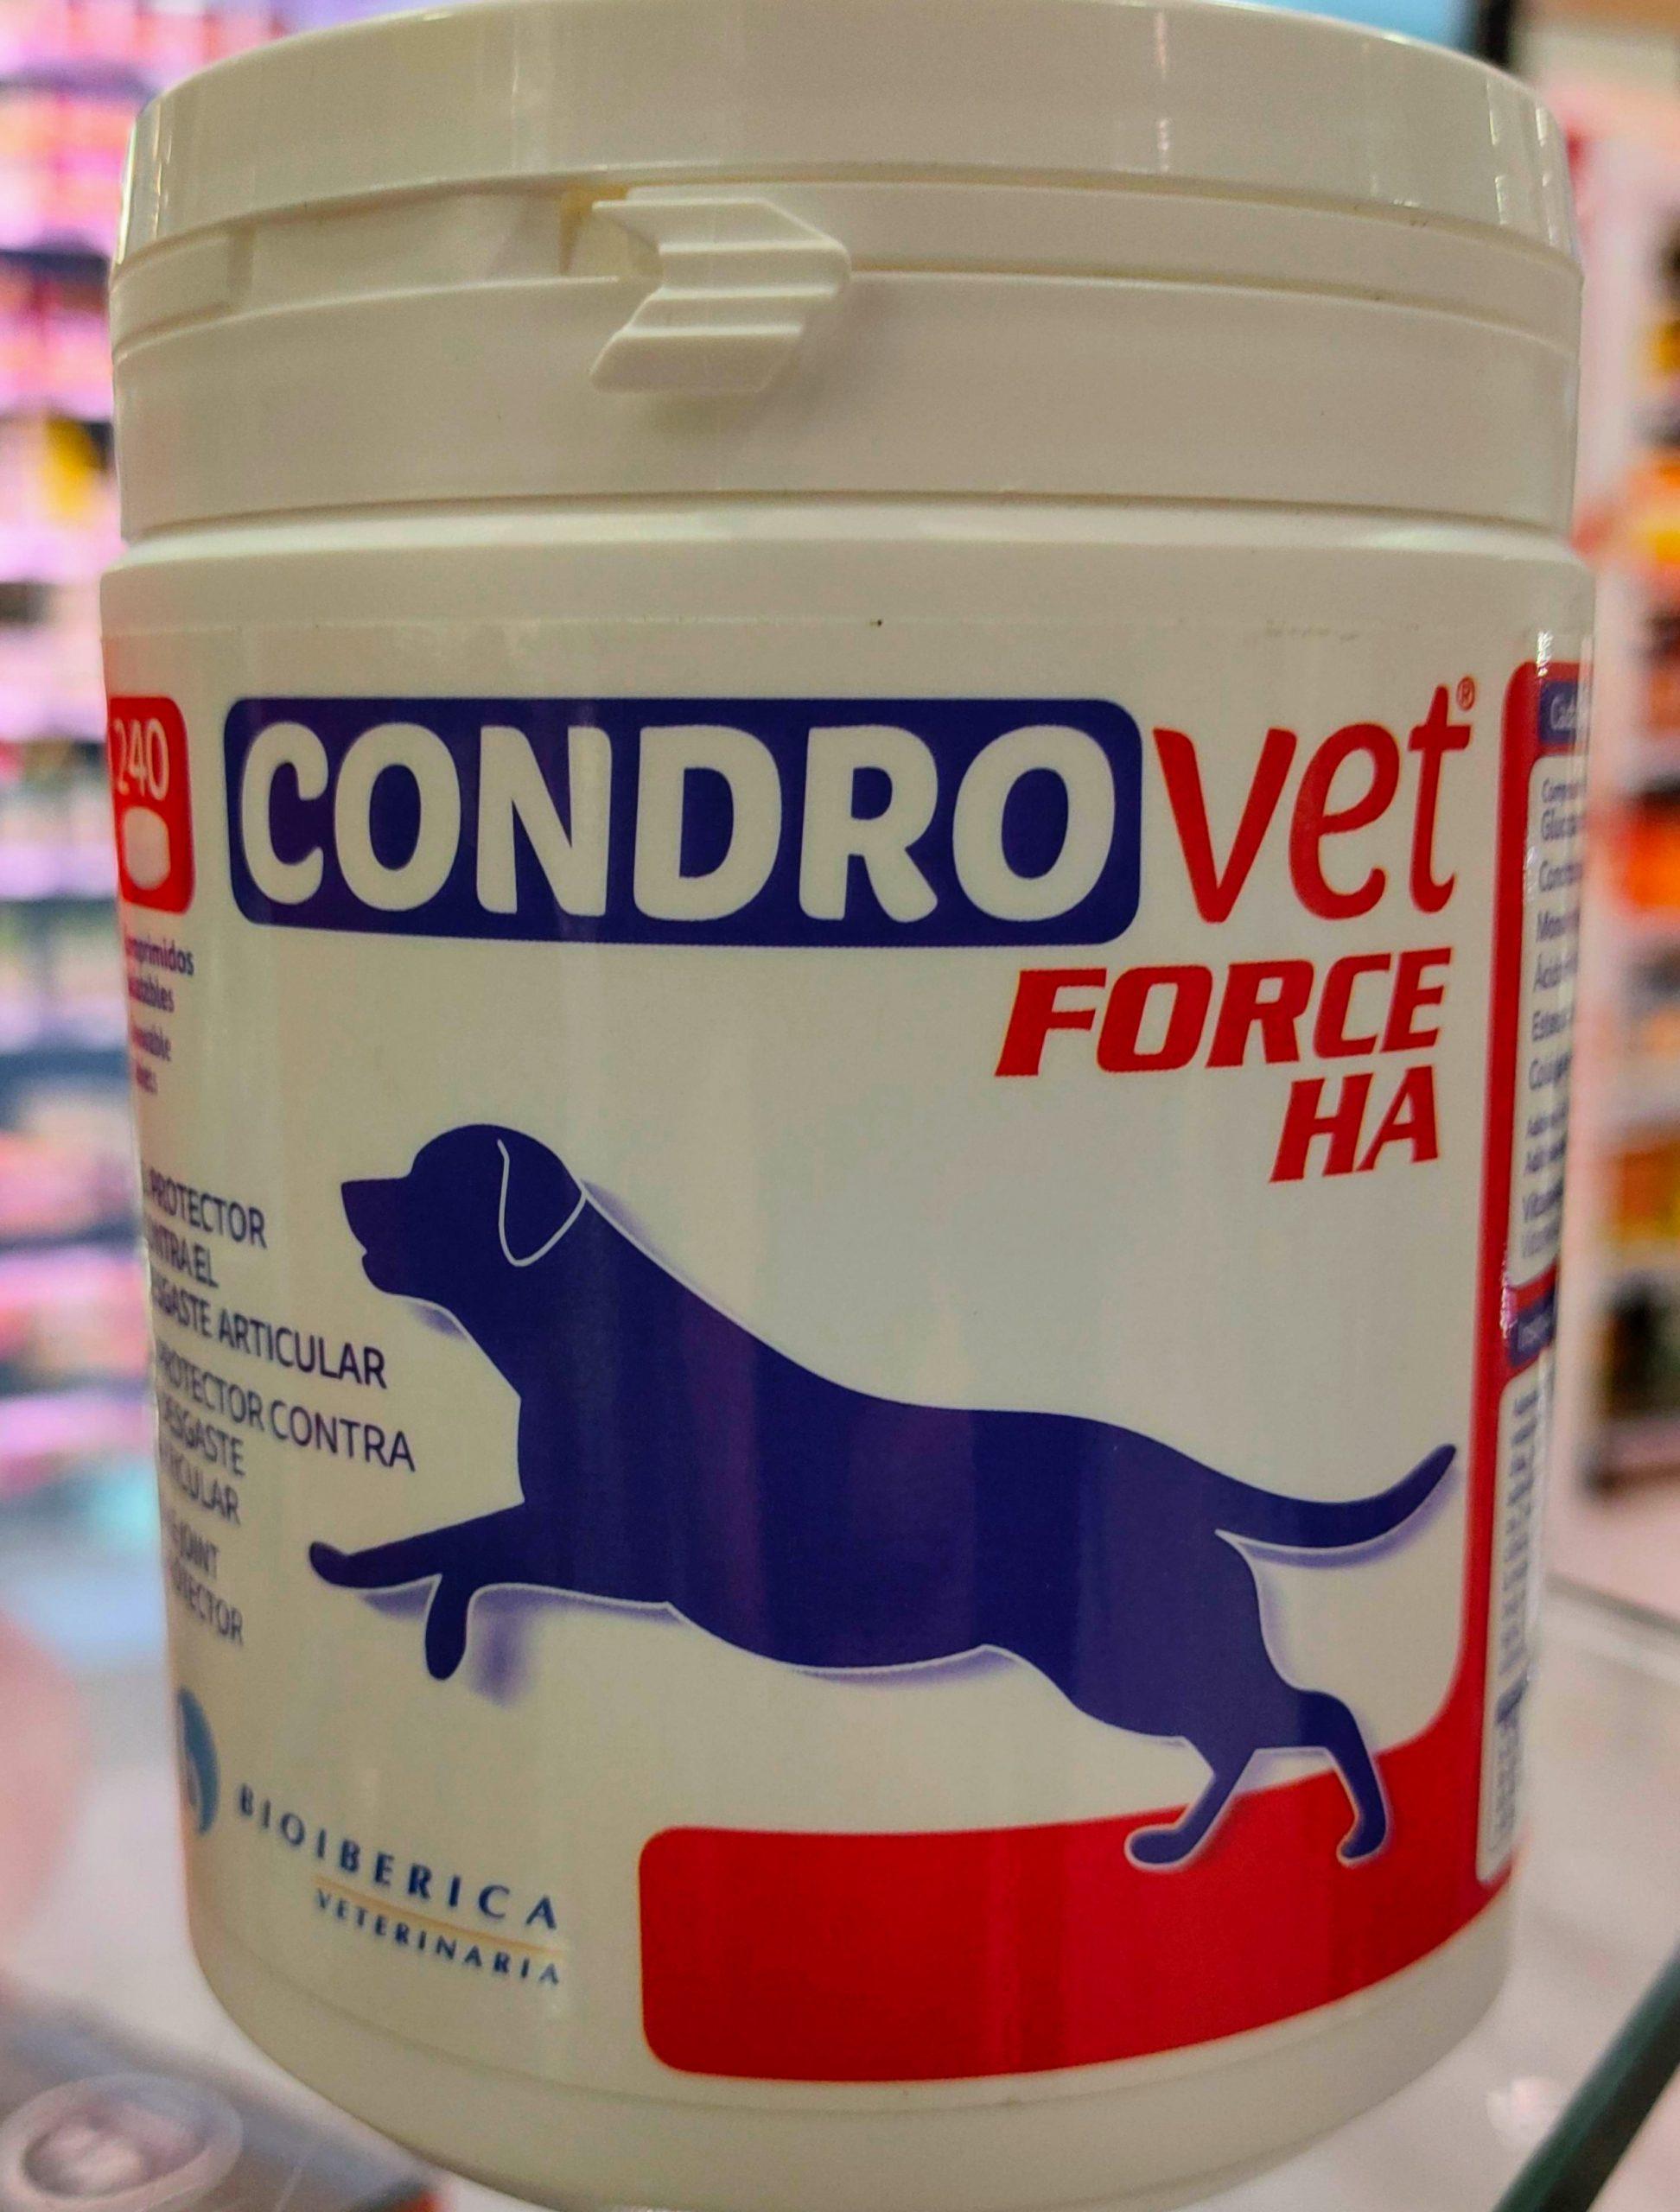 CONDROVET FORCE HAes un producto de uso veterinario especialmente recomendado para proteger las articulaciones de perros